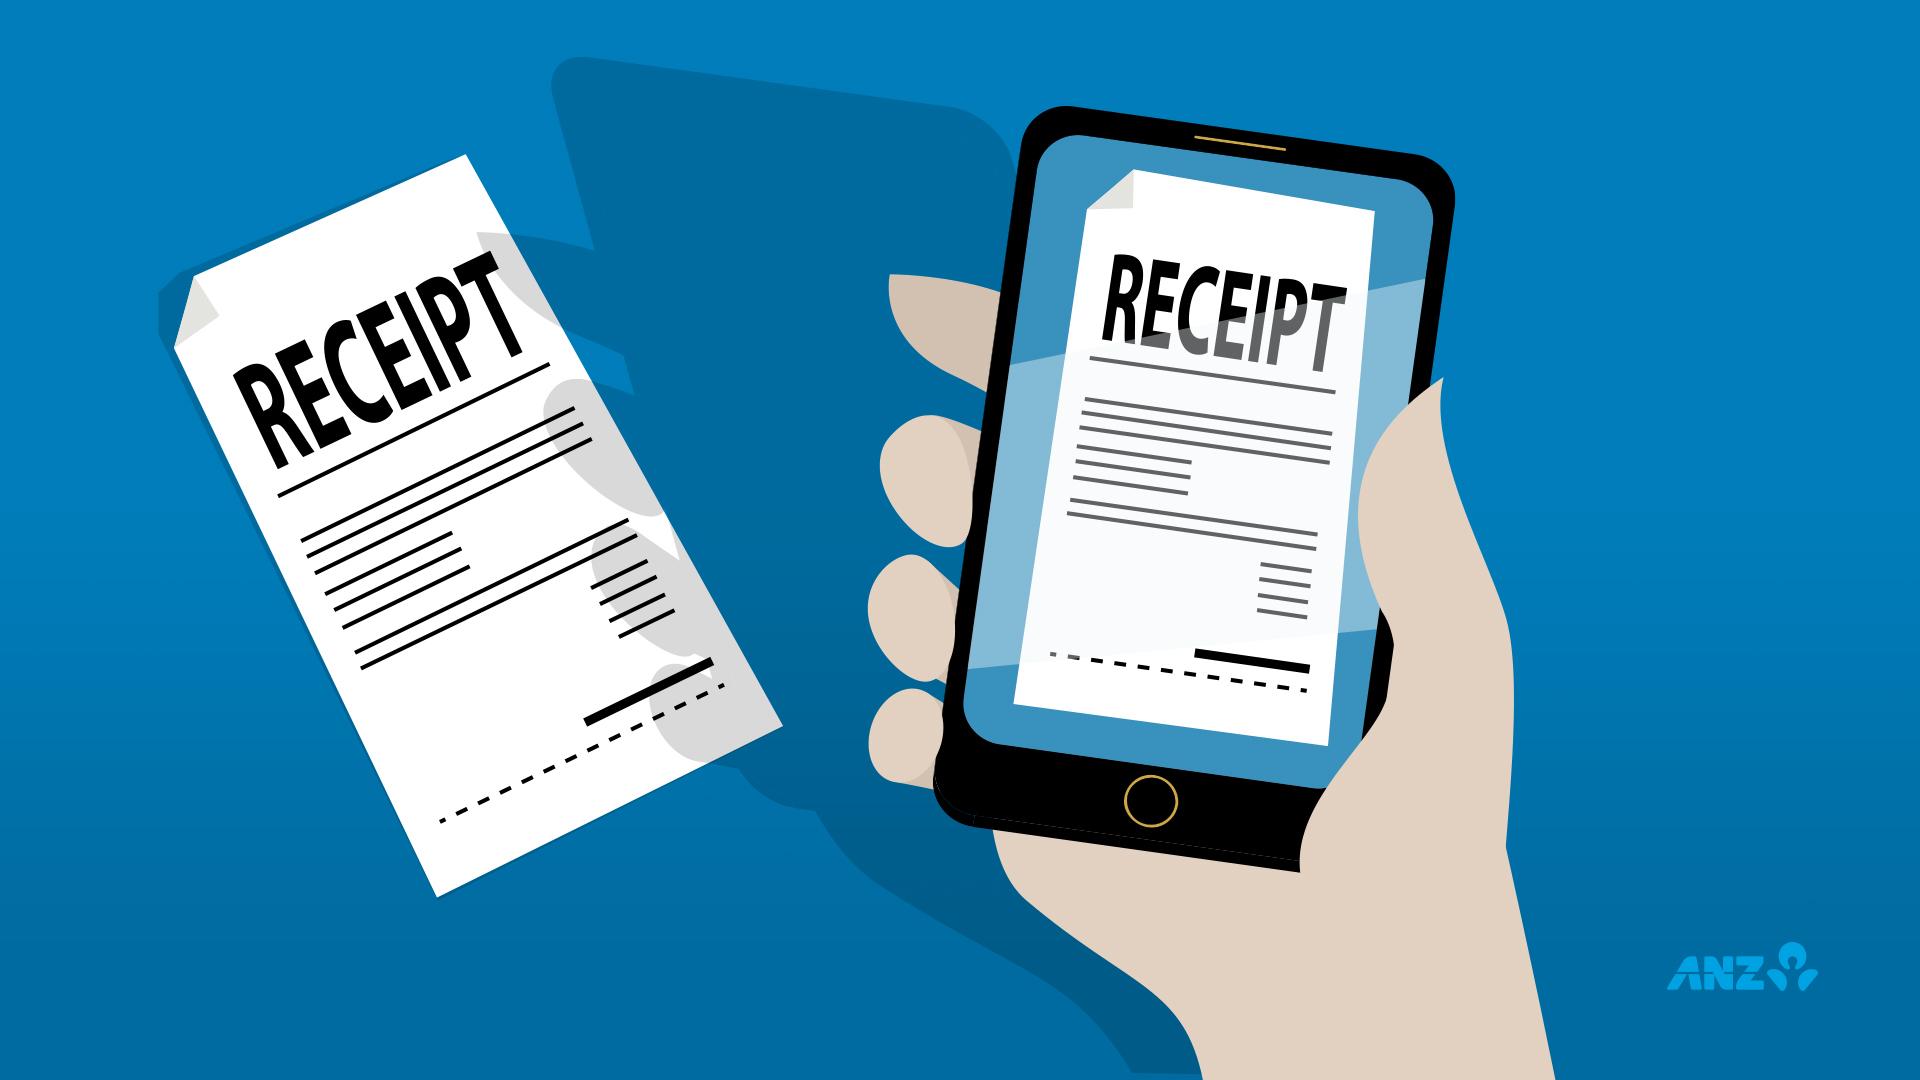 receipt_cellphone.jpg